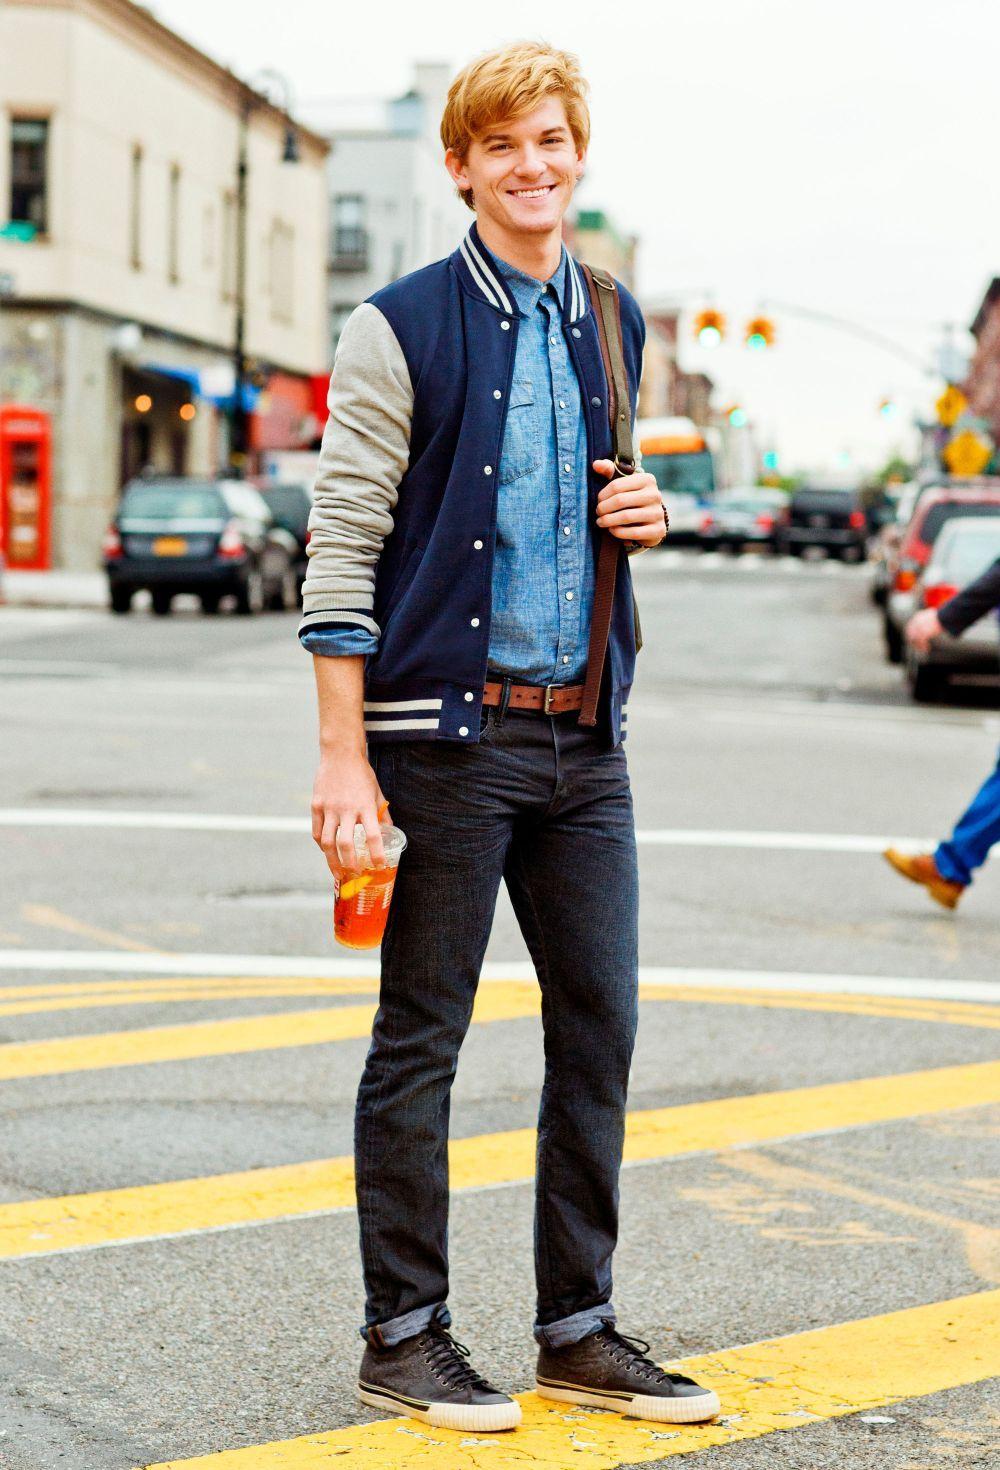 15 Best American Streetwear Brands 2